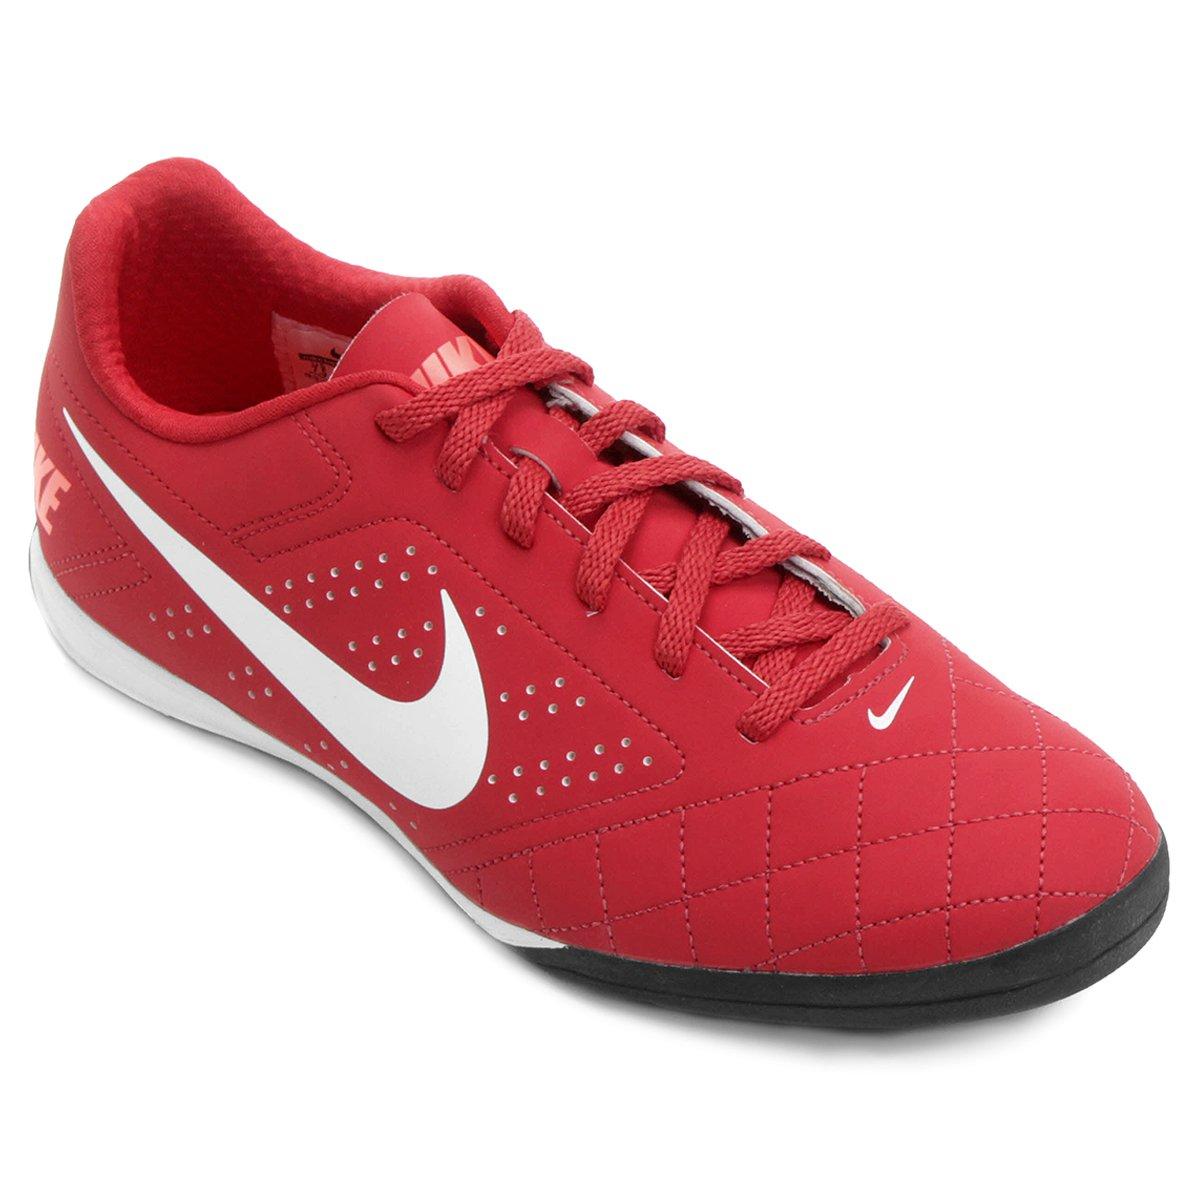 fc4da9ce88 Chuteira Futsal Nike Beco 2 Futsal - Vermelho e Branco - Compre ...